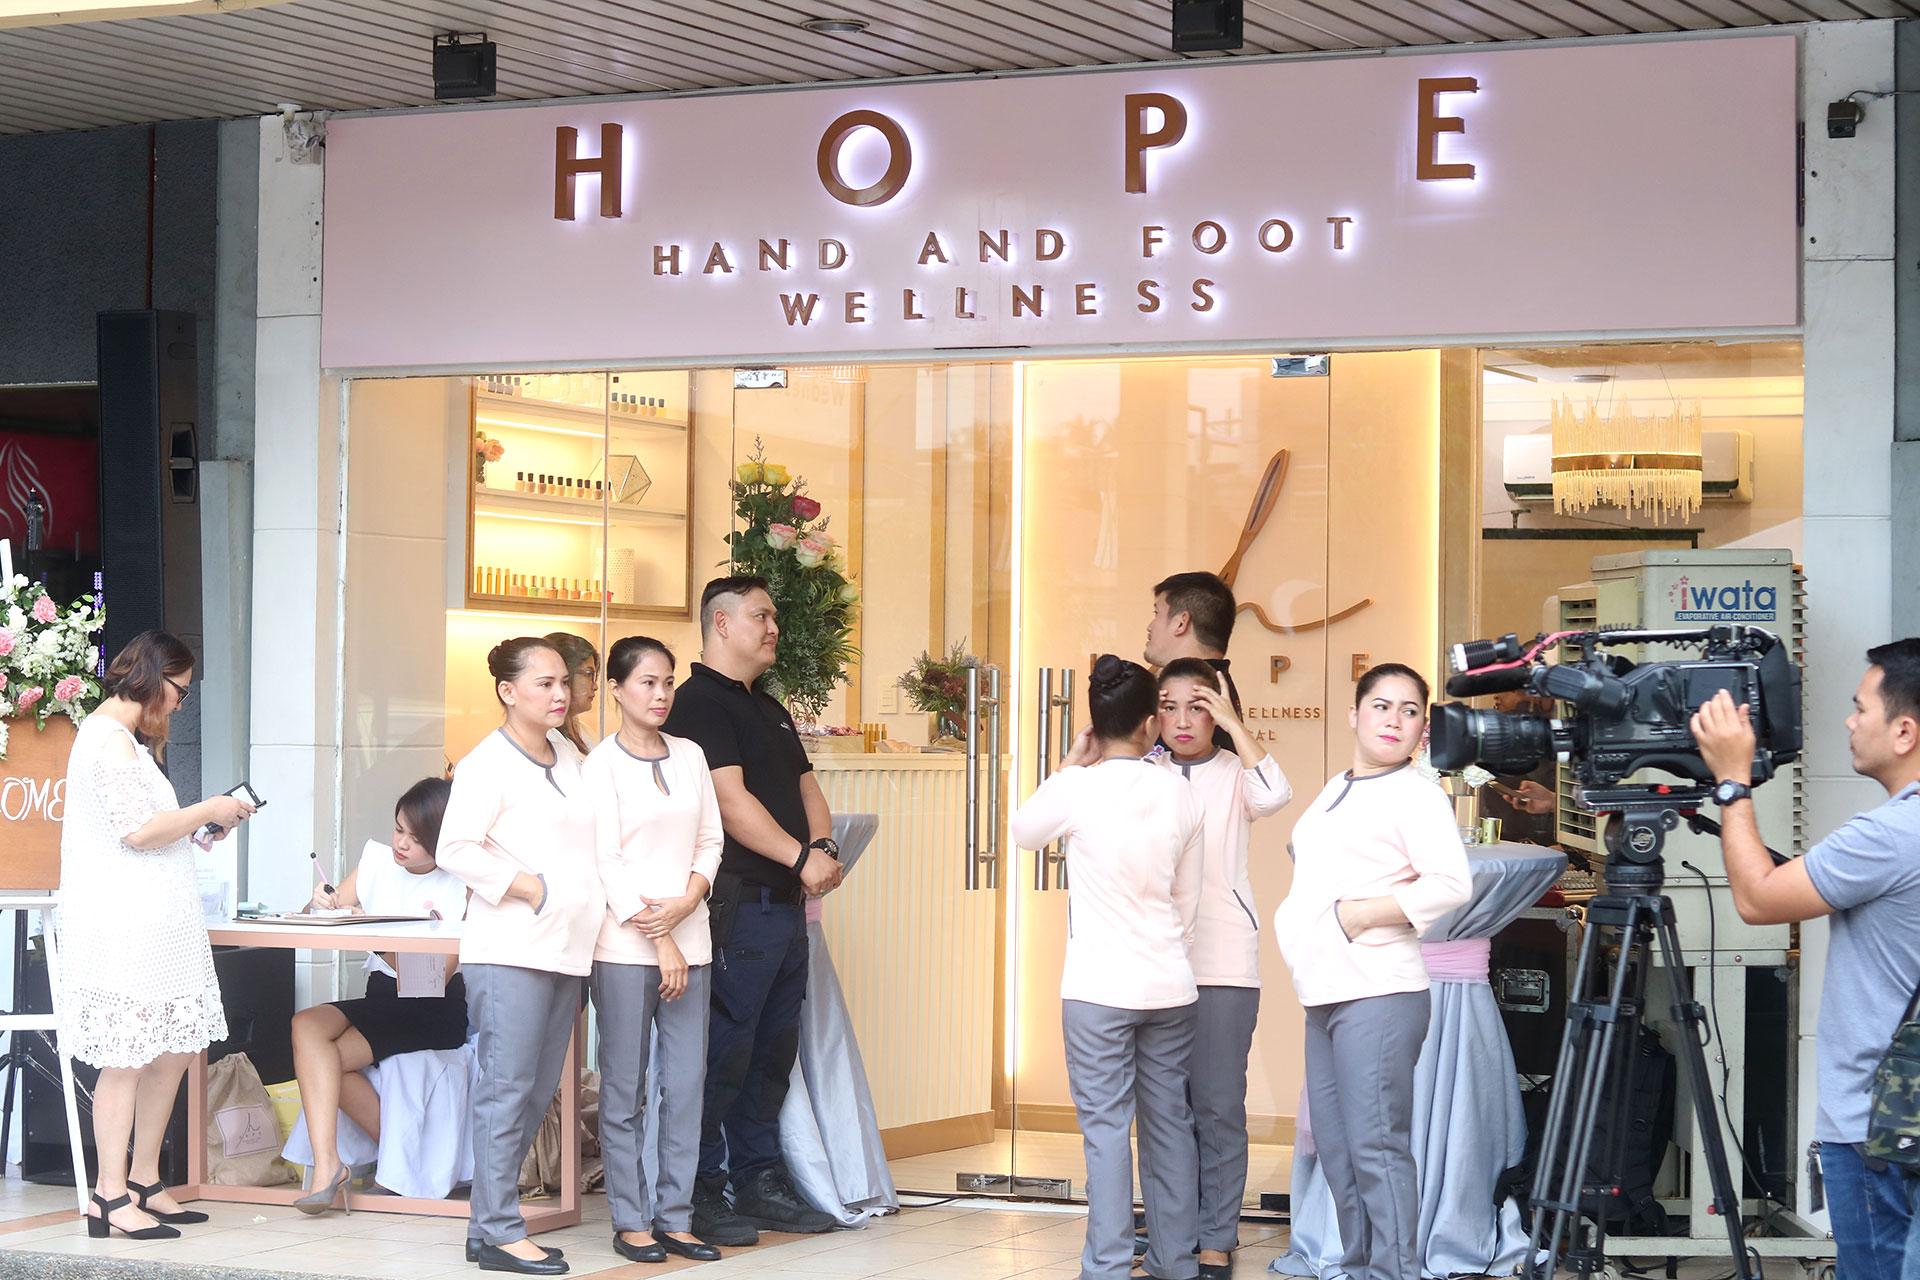 1 Liza Soberano Hope Wellness Grand Launch - Gen-zel She Sings Beauty